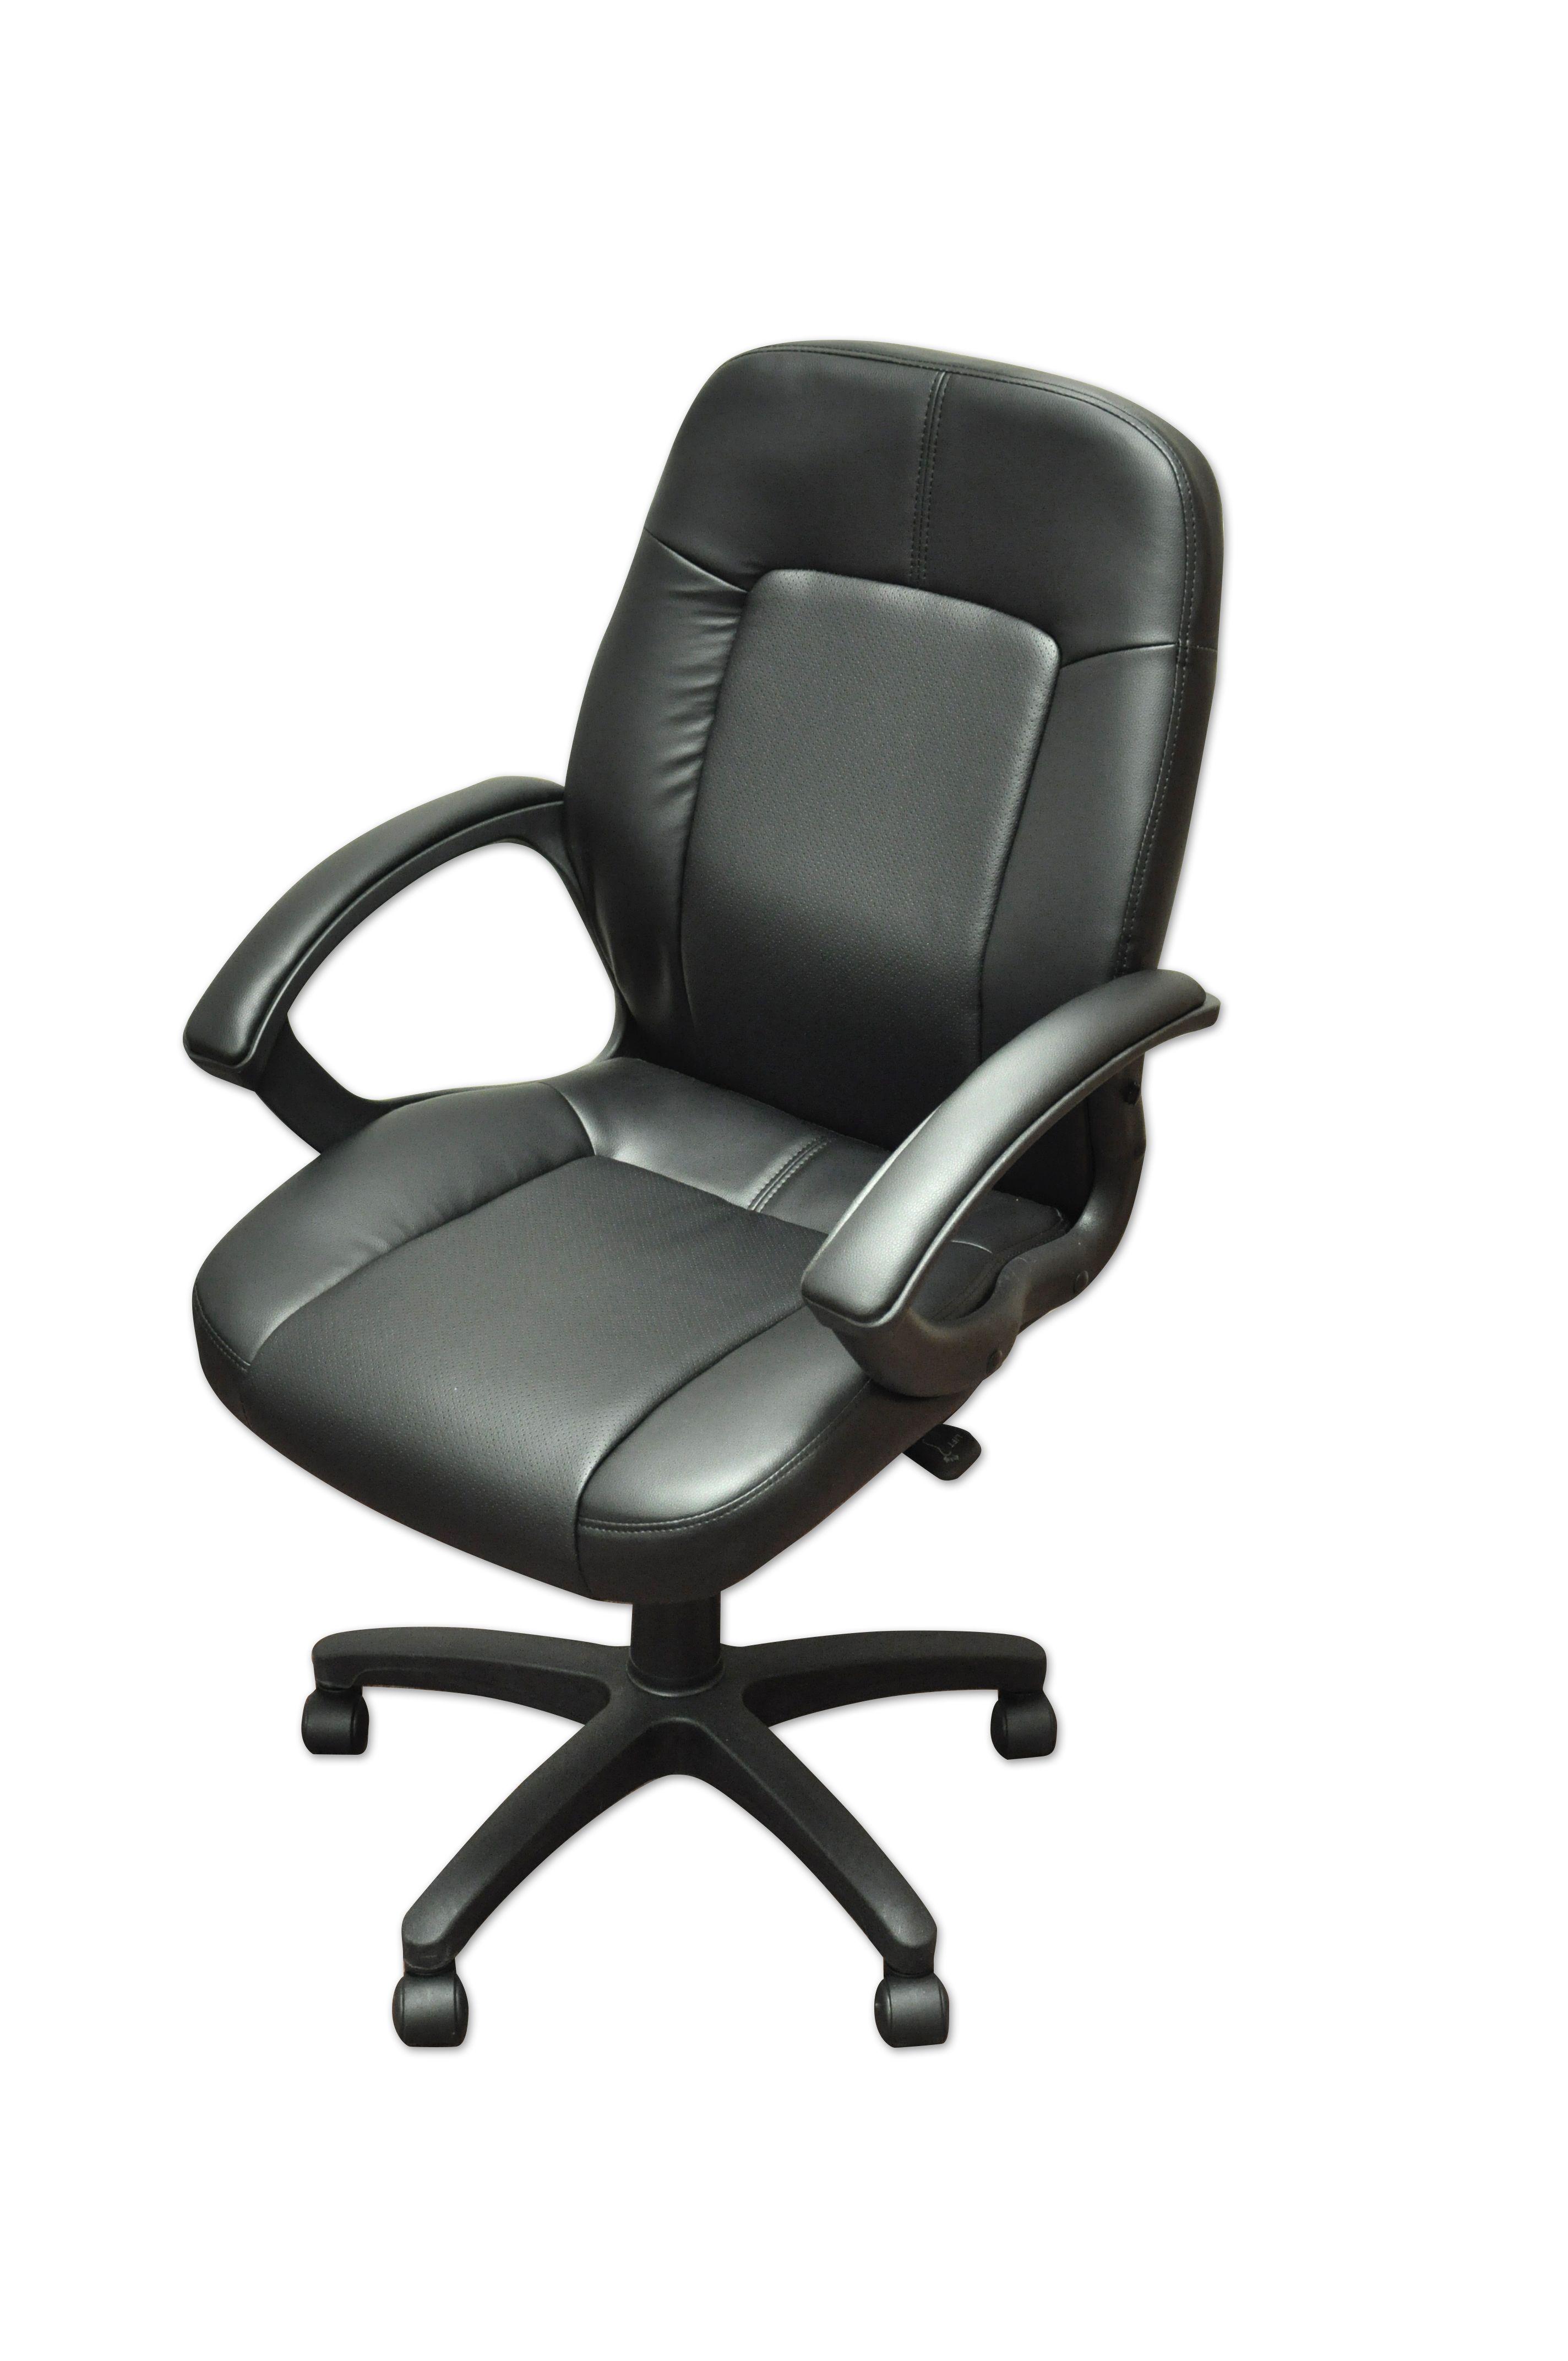 Büro Möbel Preise Schwarz Computer Stuhl Bequemste Erschwingliche